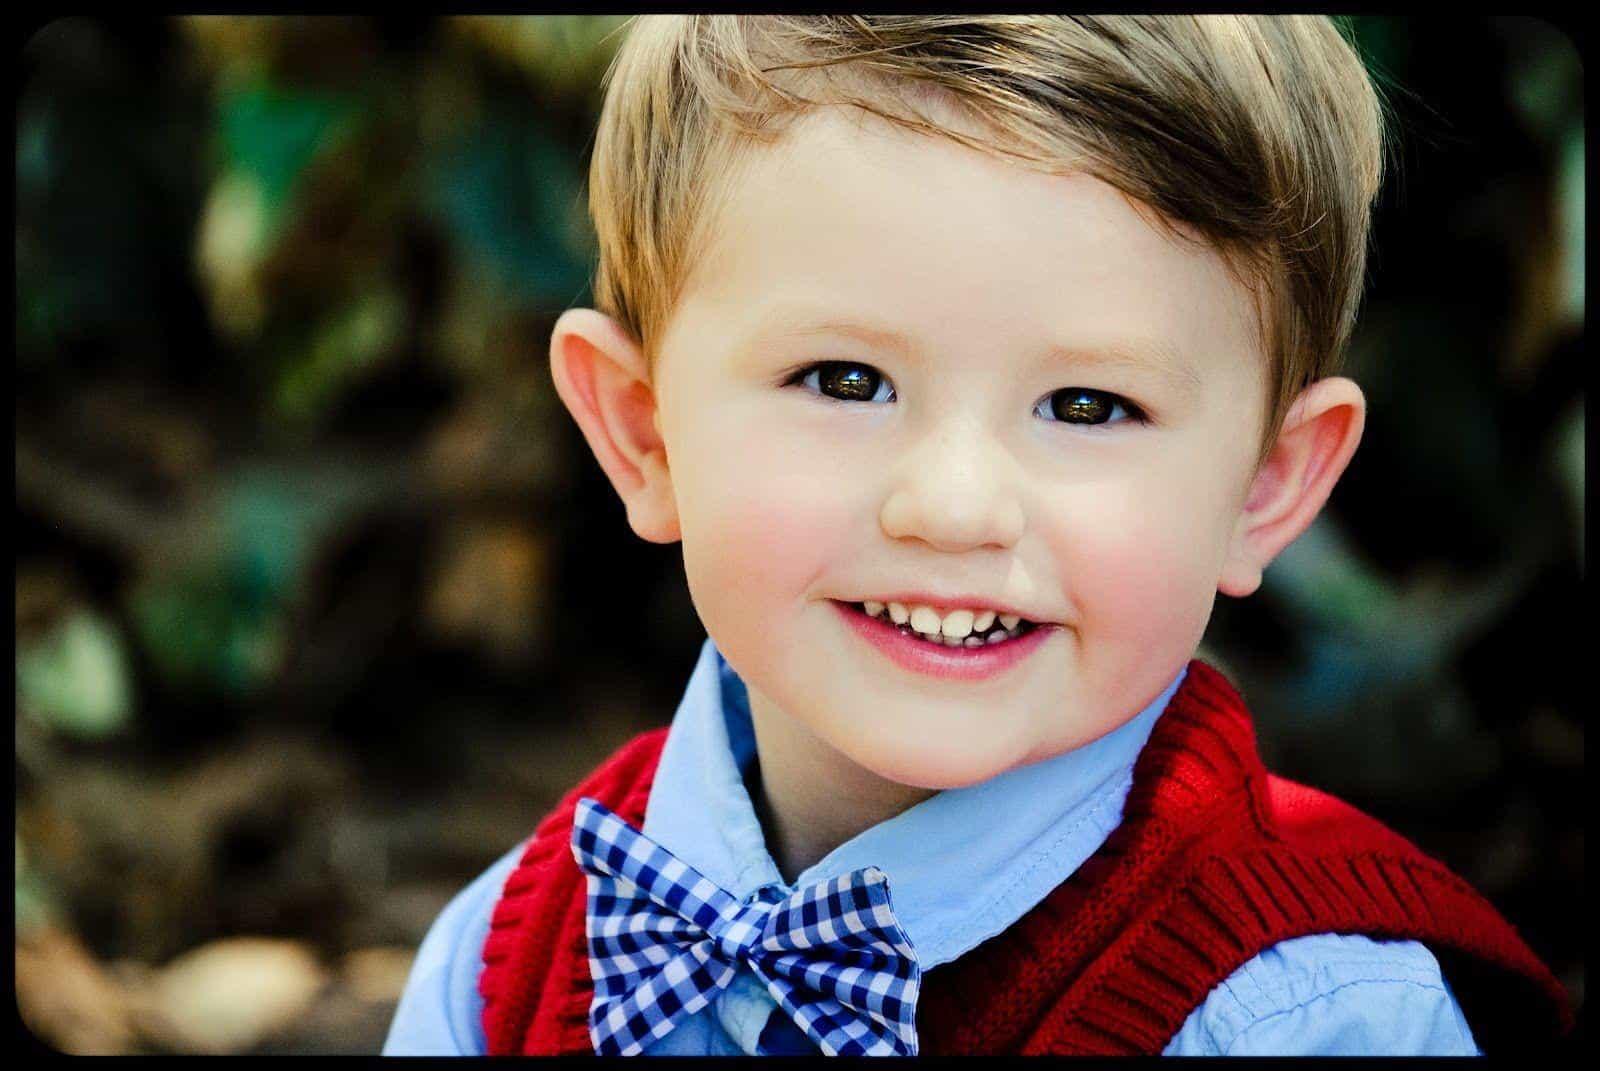 صور أطفال جميلة 2020 اجمل صور الاطفال صور بيبى جميلة ولاد وبنات صغار 33